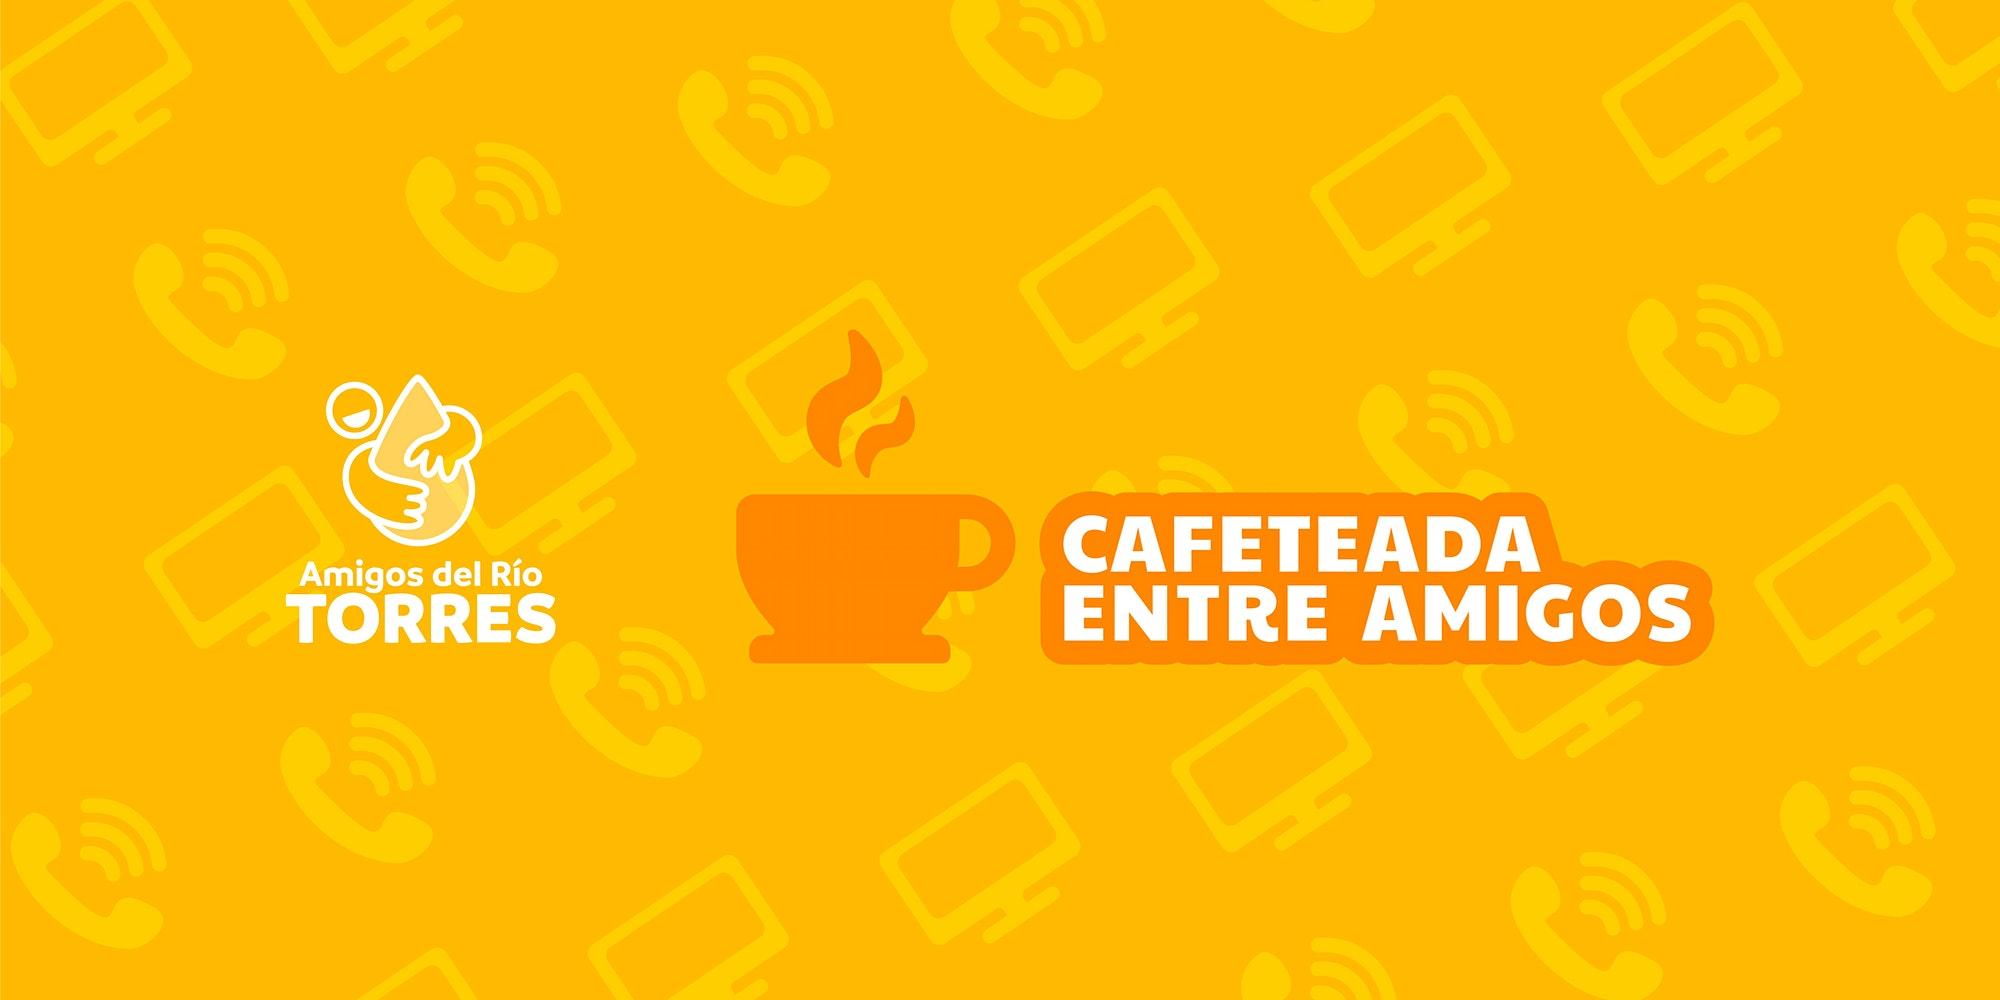 Cafeteada entre Amigos: Rescatar un Río sí es posible